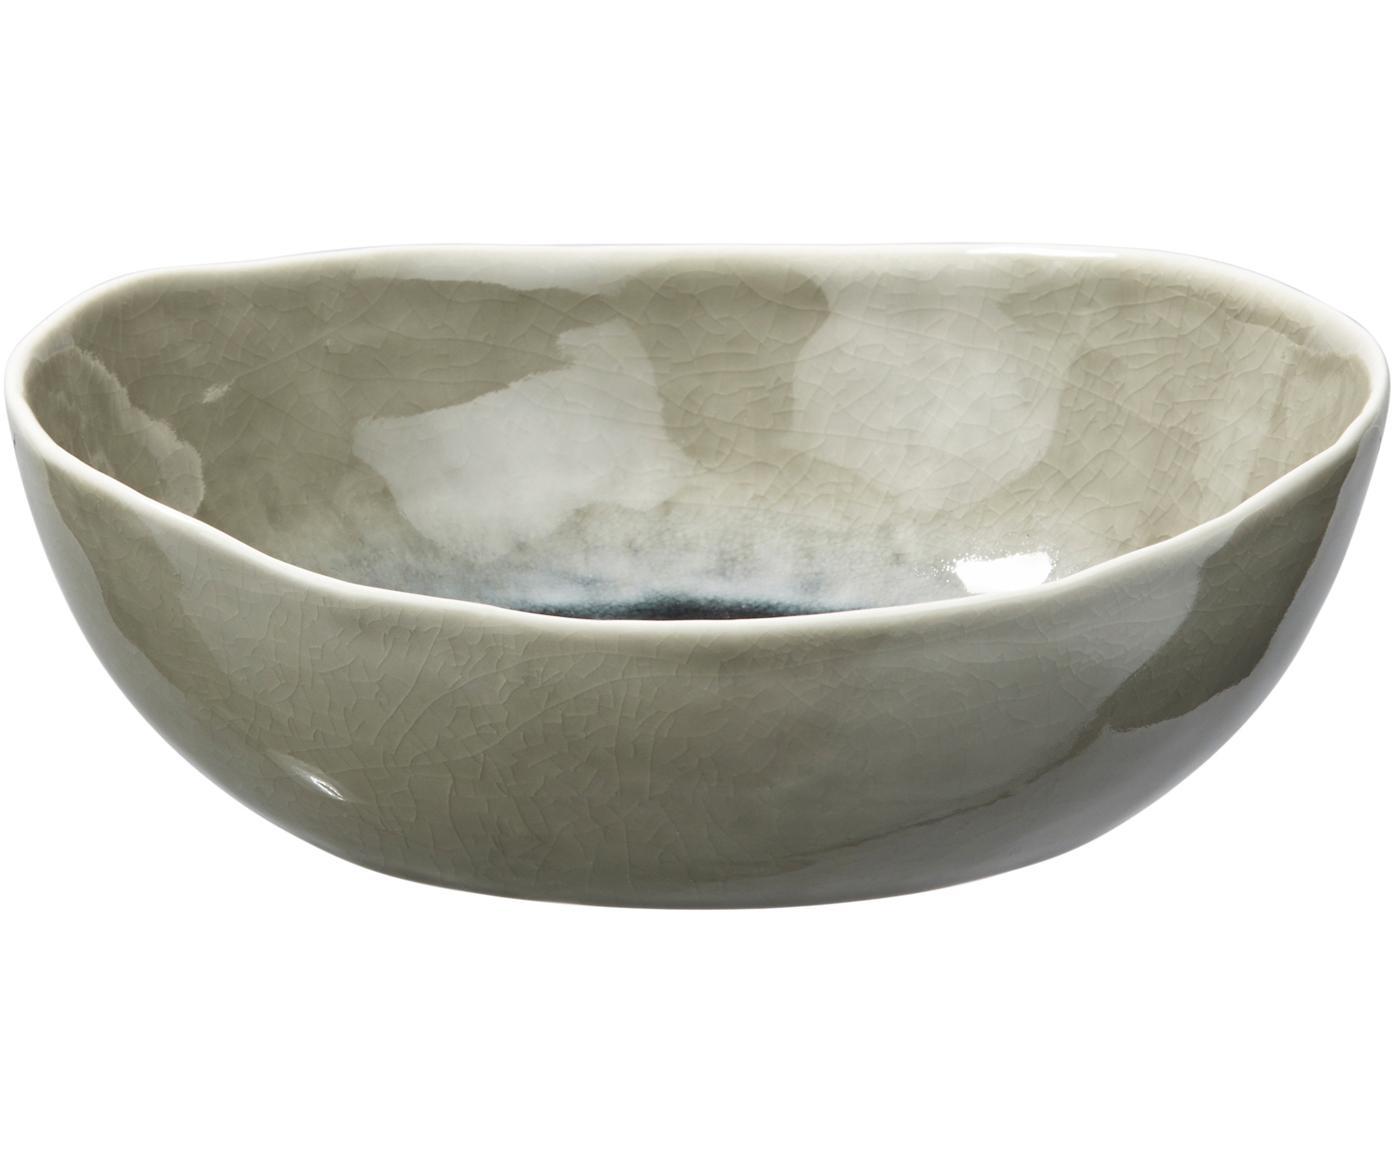 Schalen Porcelino Sea in Graugrün/Beige, 6 Stück, Porzellan, Graugrün, Beige, Ø 20 x H 5 cm